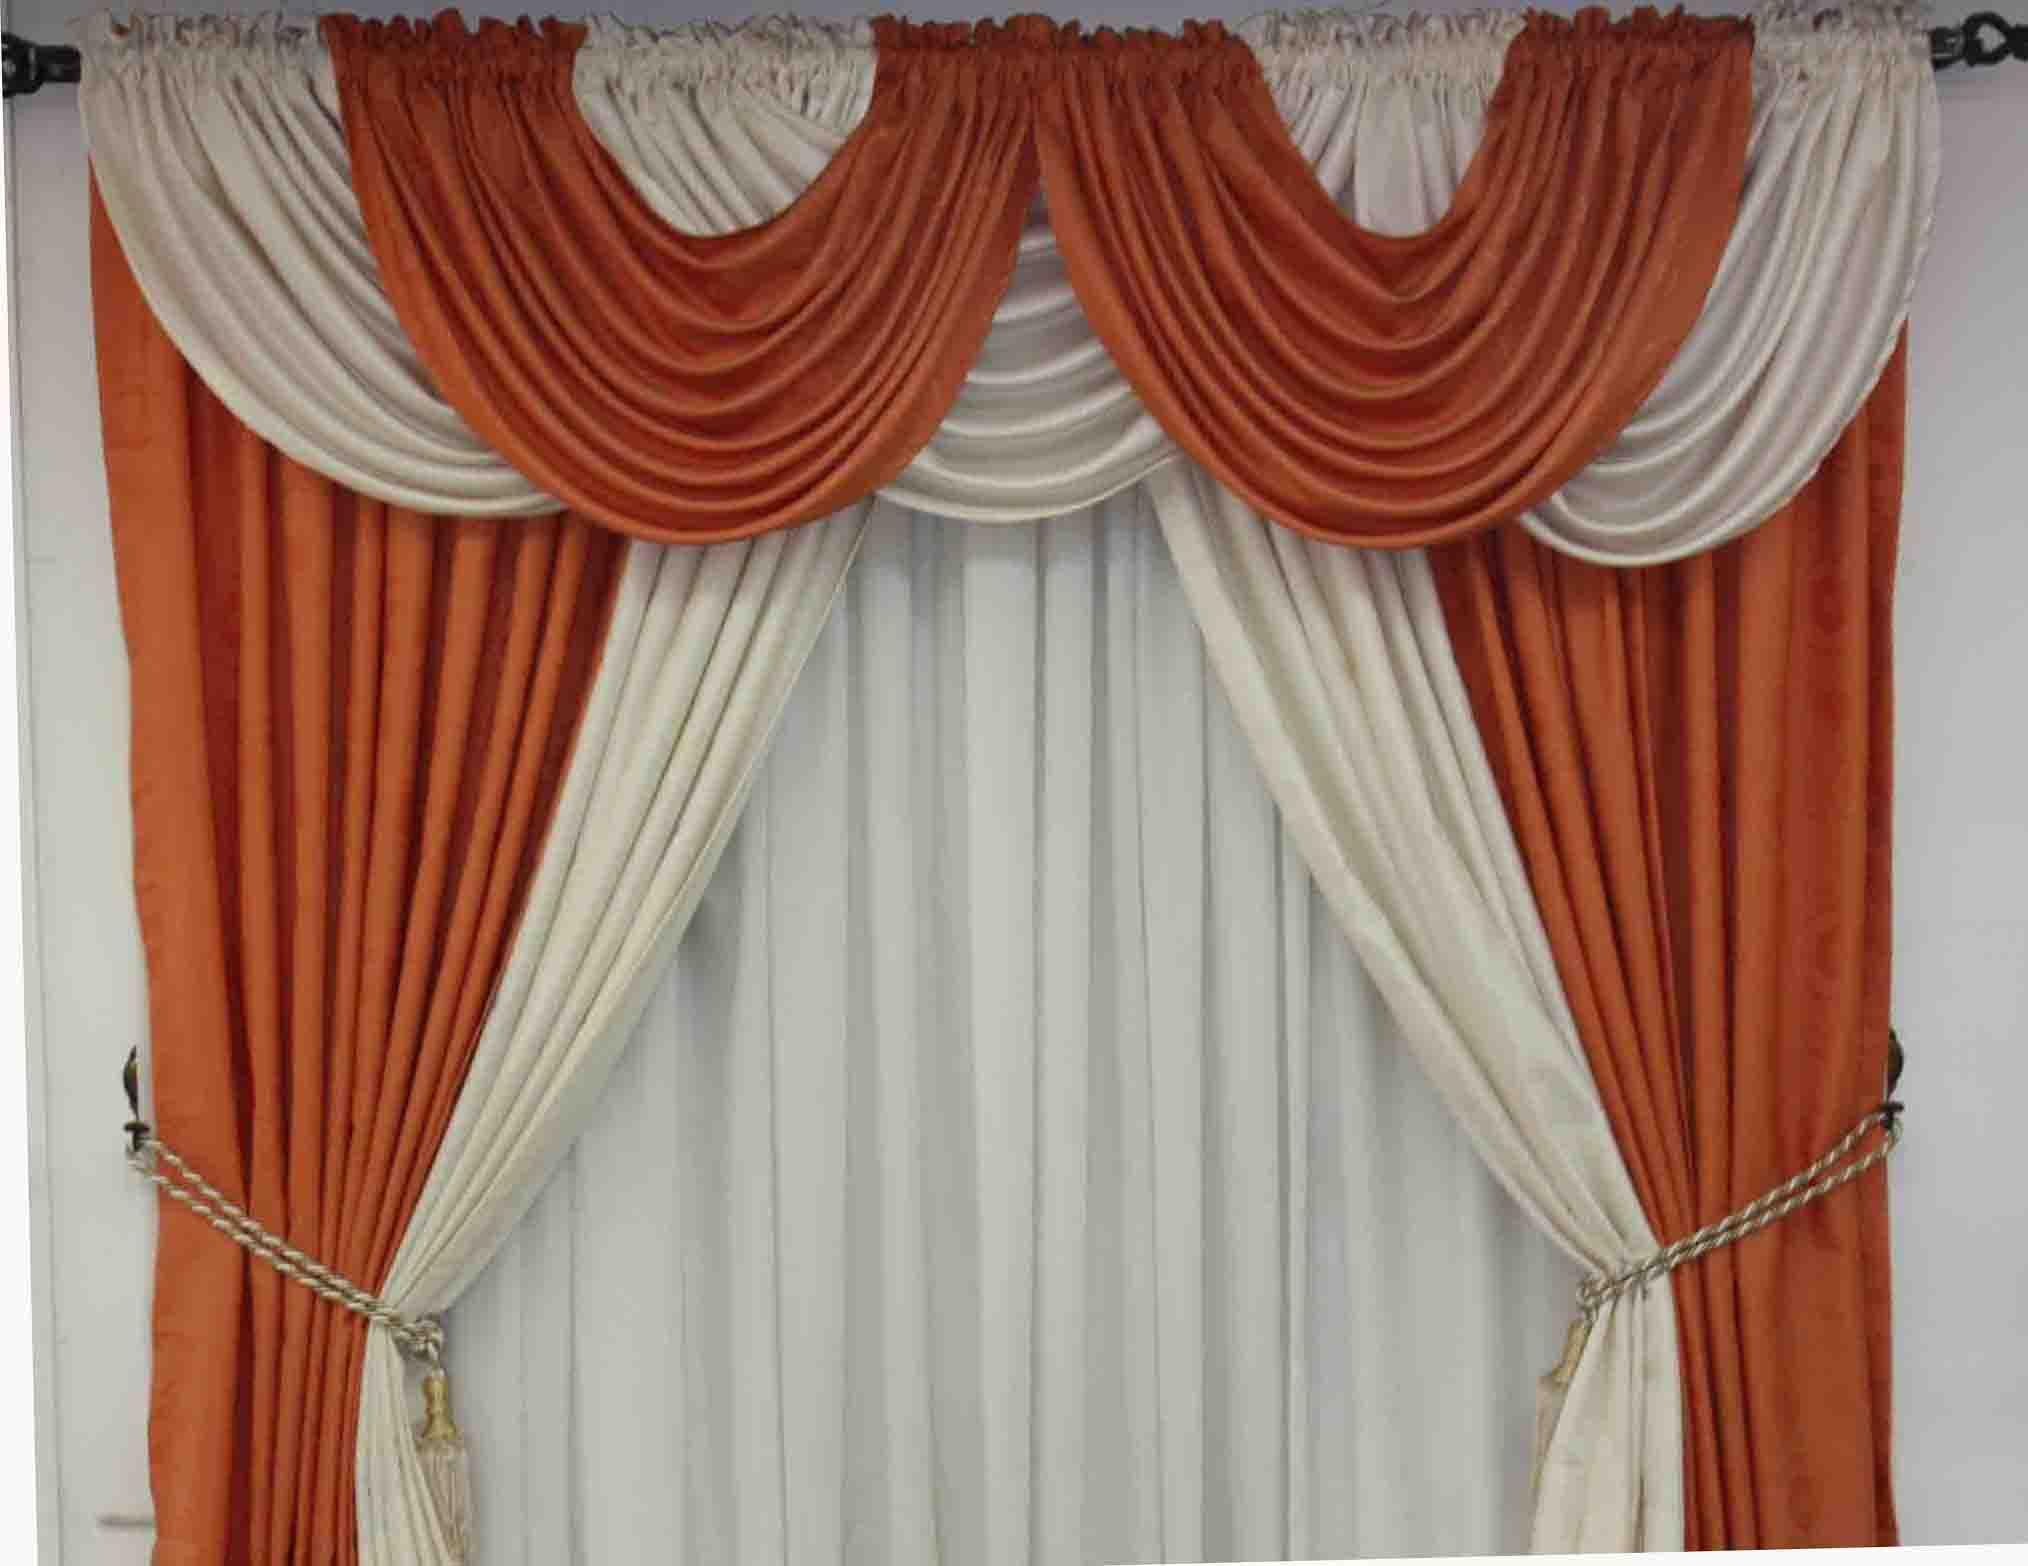 C mo hacer cenefas entrelazadas paso a paso y muy f cil for Ganchos para cortinas de tela